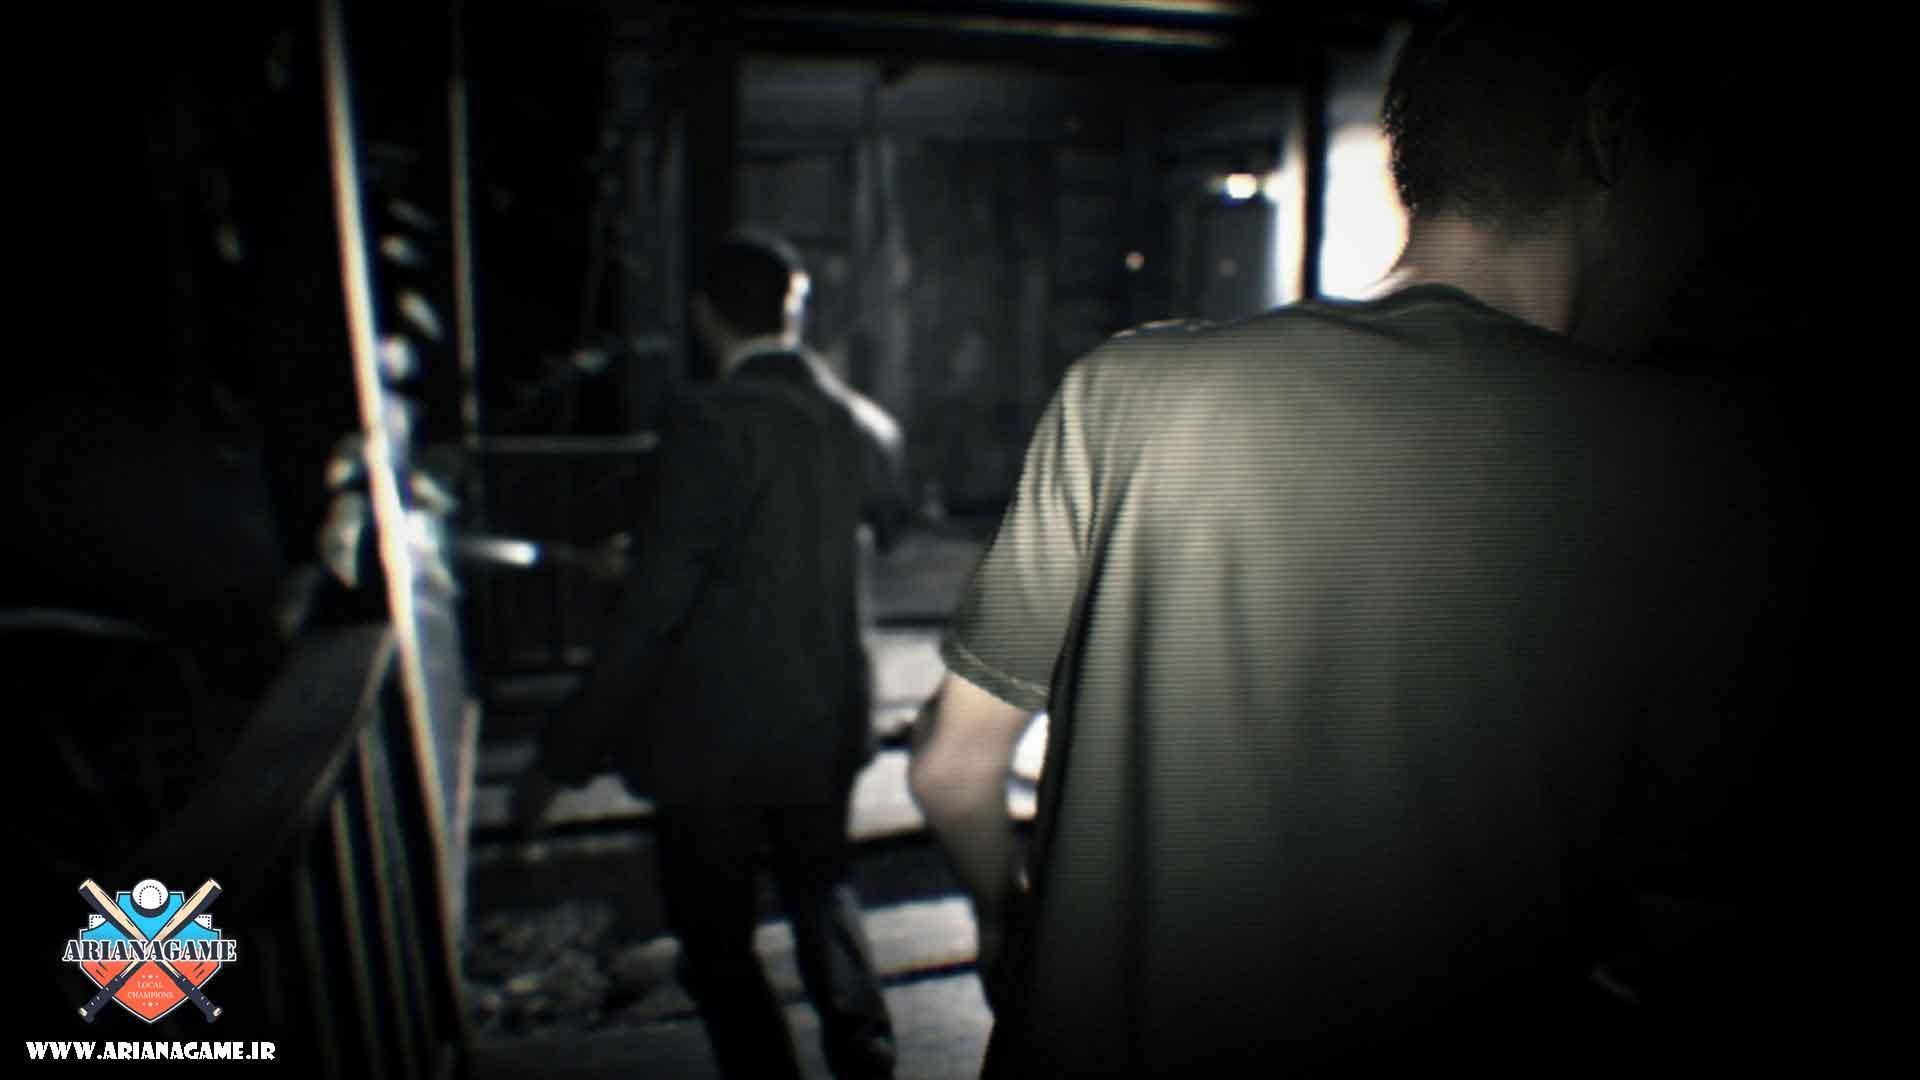 خرید بازی Resident Evil 7 Biohazard (رزیدنت ایول ۷: بایوهازارد) برای PC